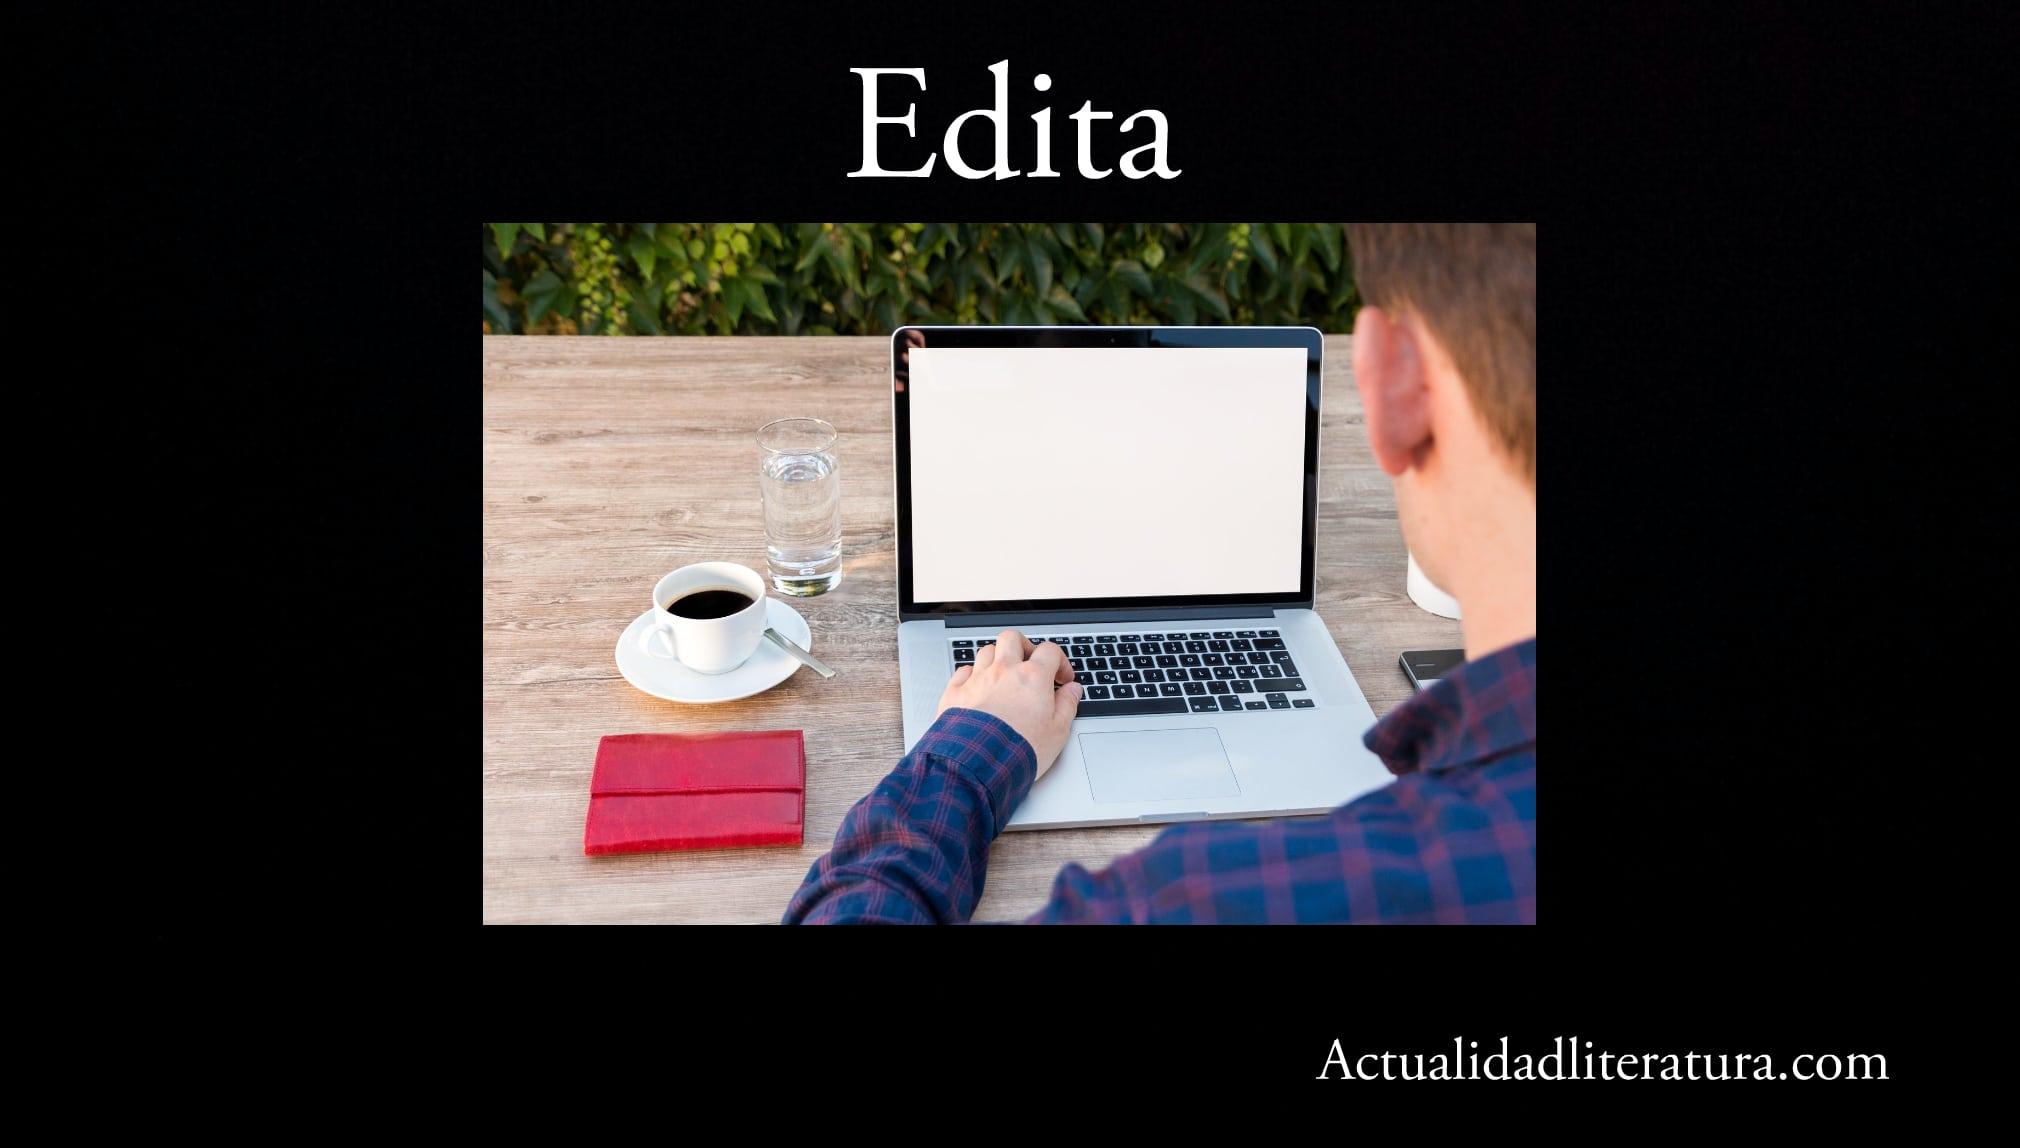 Edita.